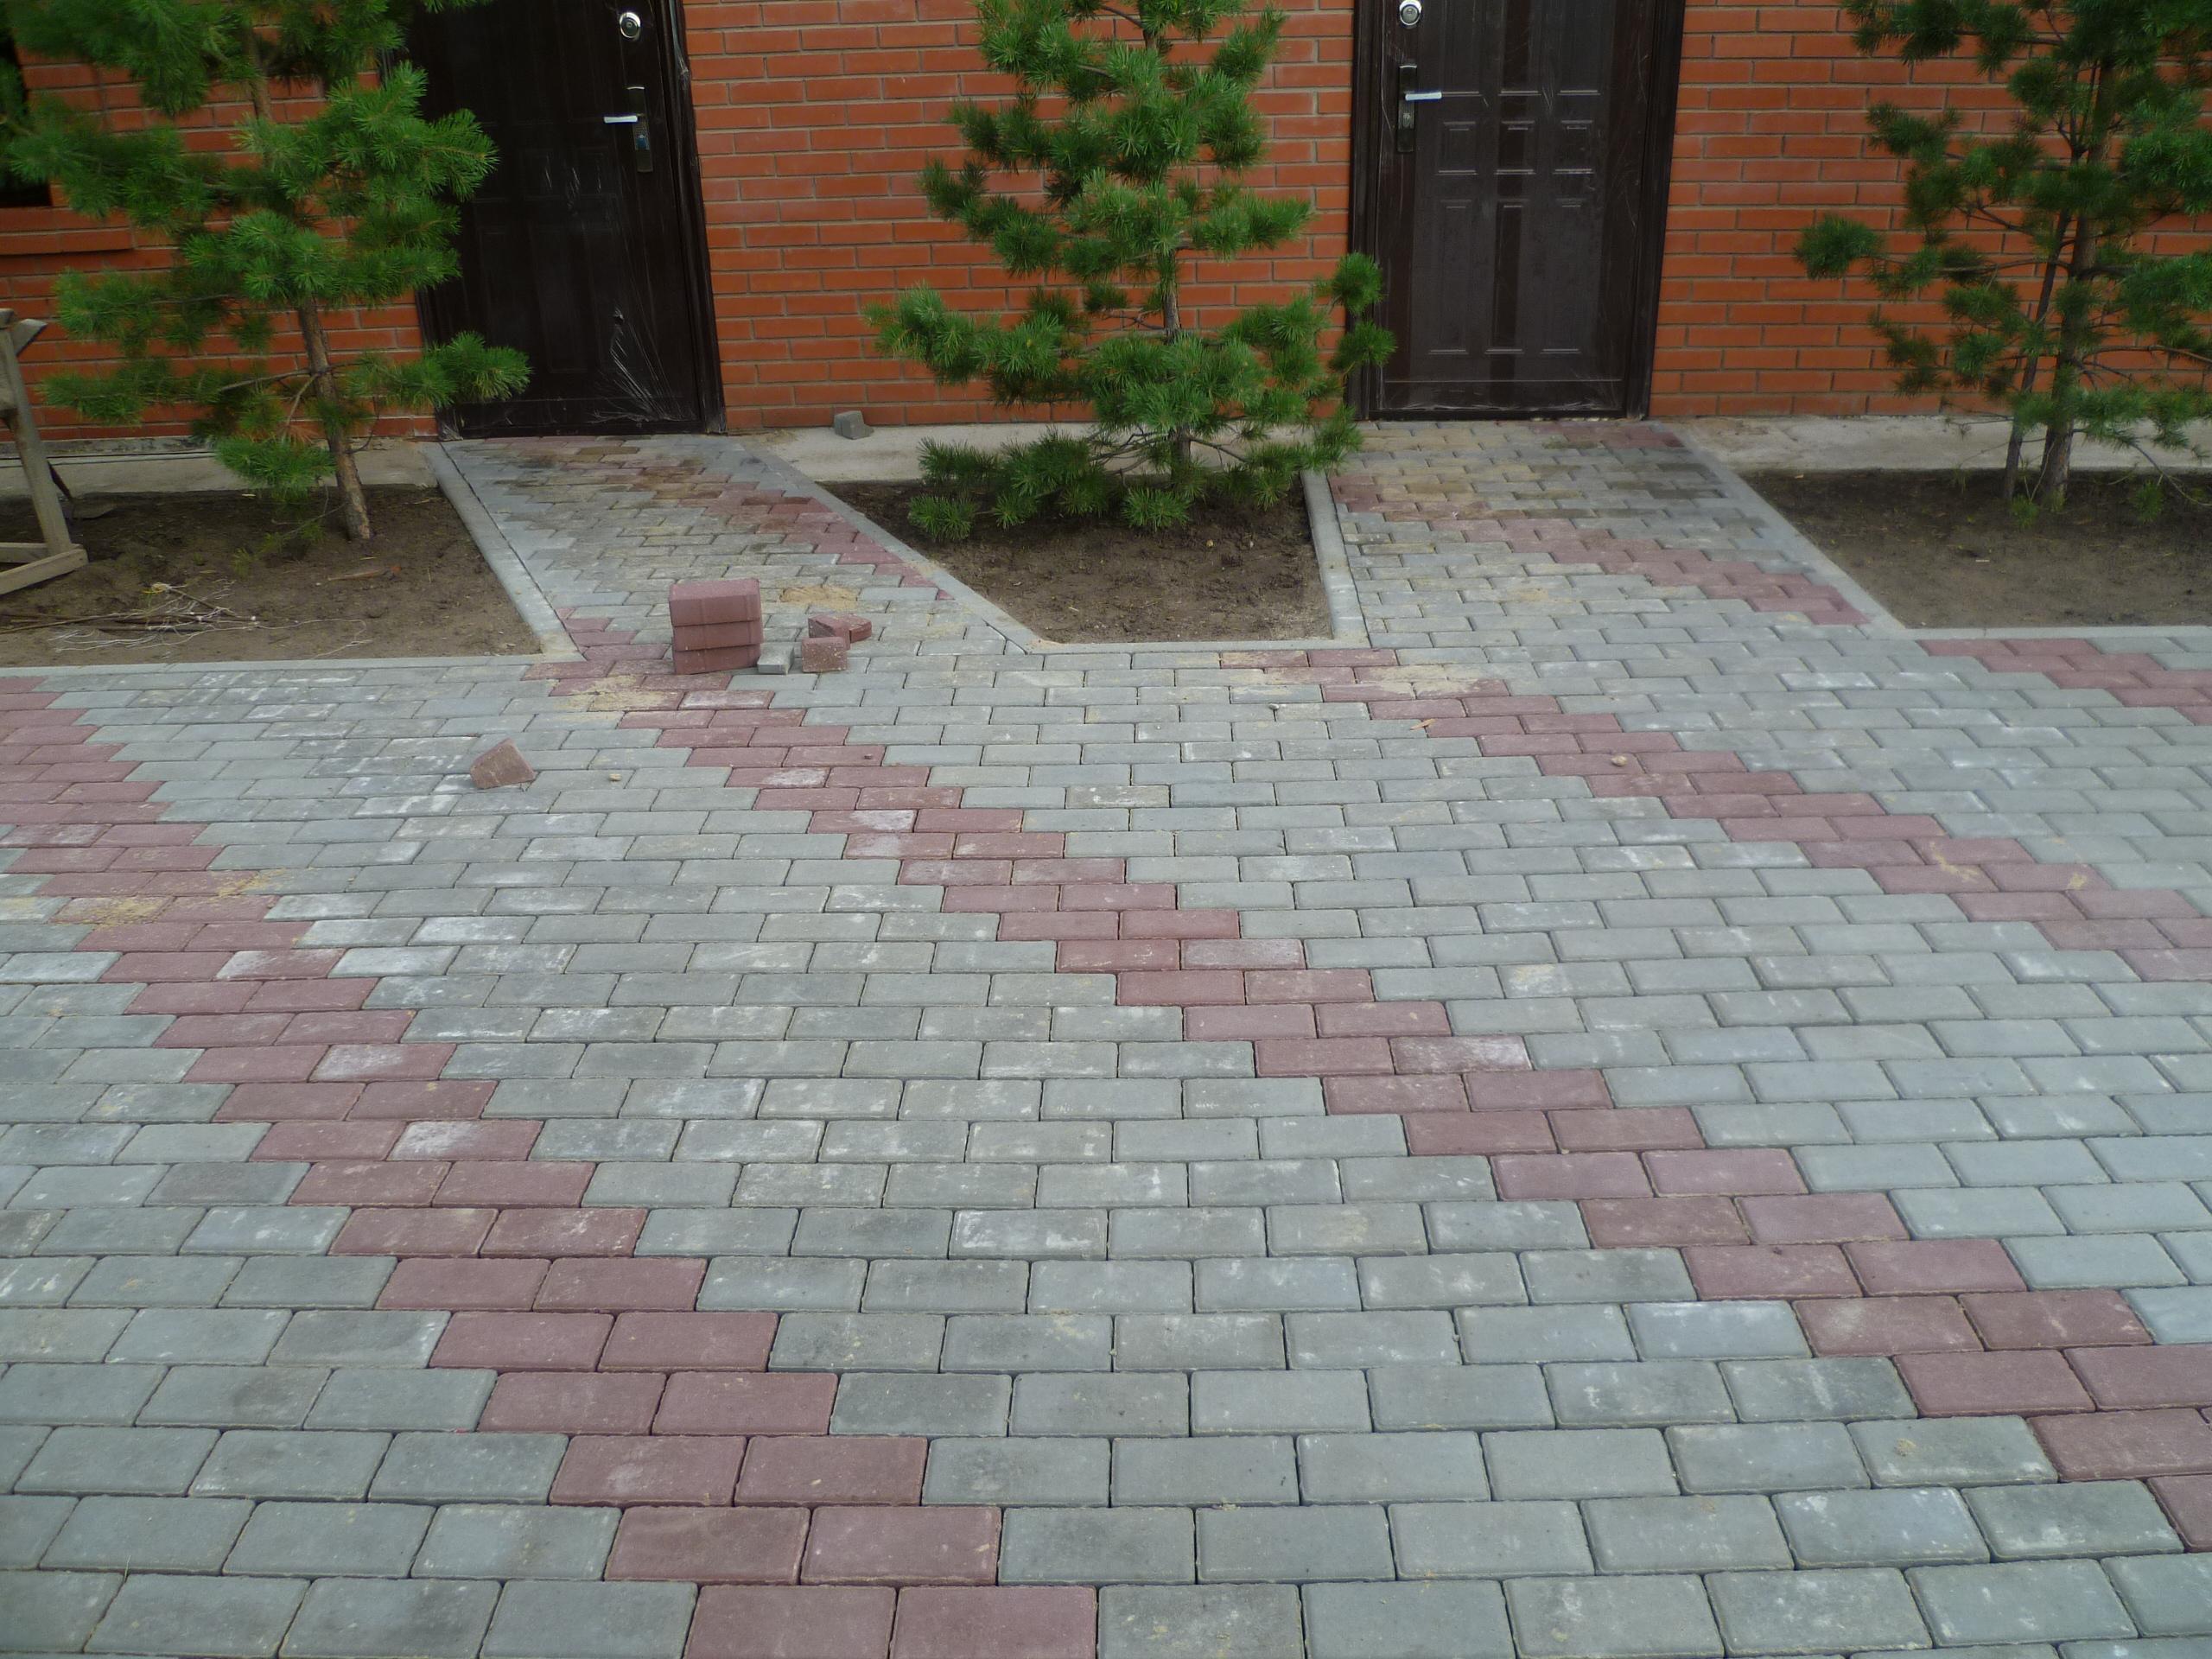 http://plitka-omsk55.ru/images/upload/P1020567.JPG